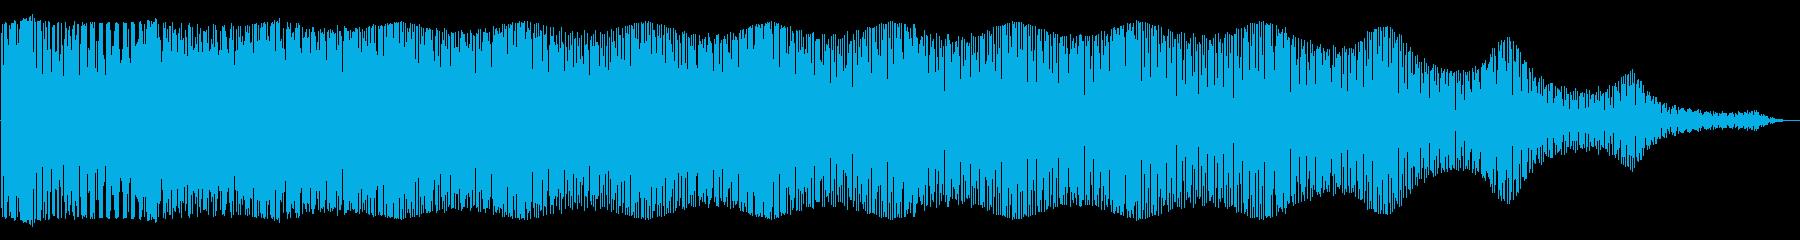 グワングワン(騒音)の再生済みの波形